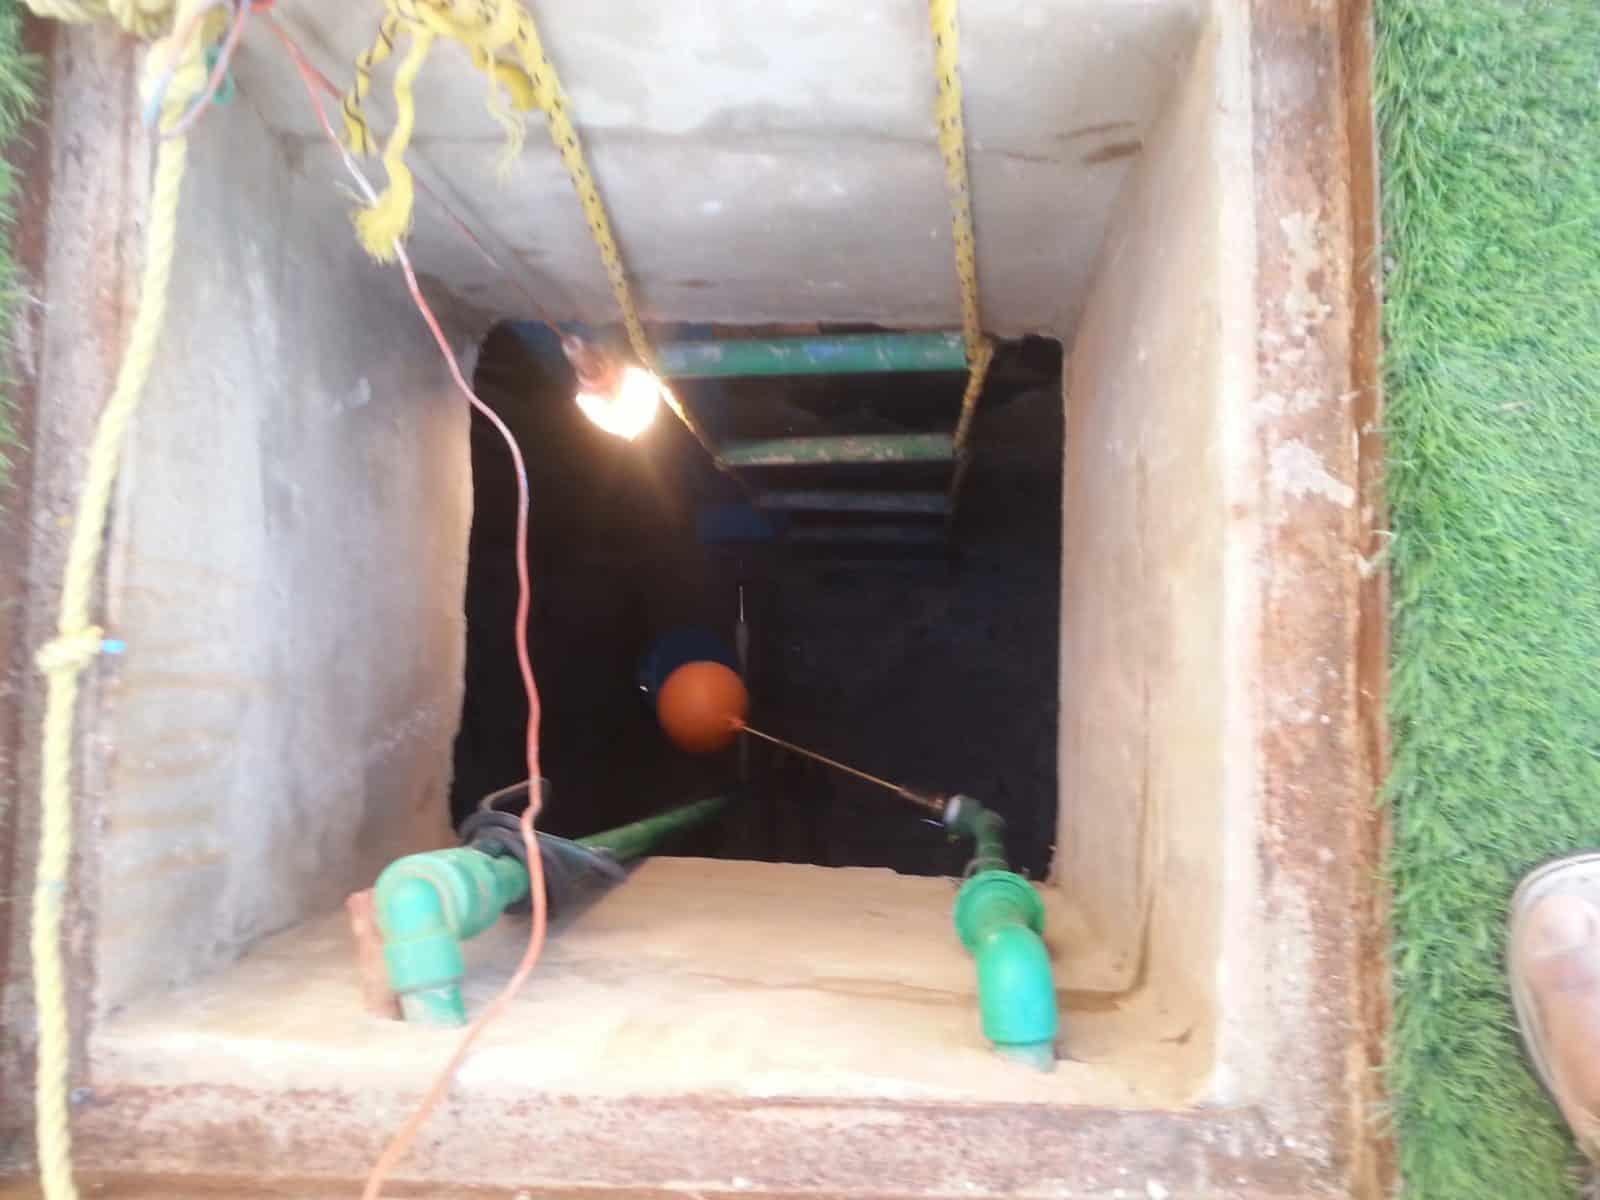 كشف واصلاح تسربات المياه في الخزانات او الخزان الارضي